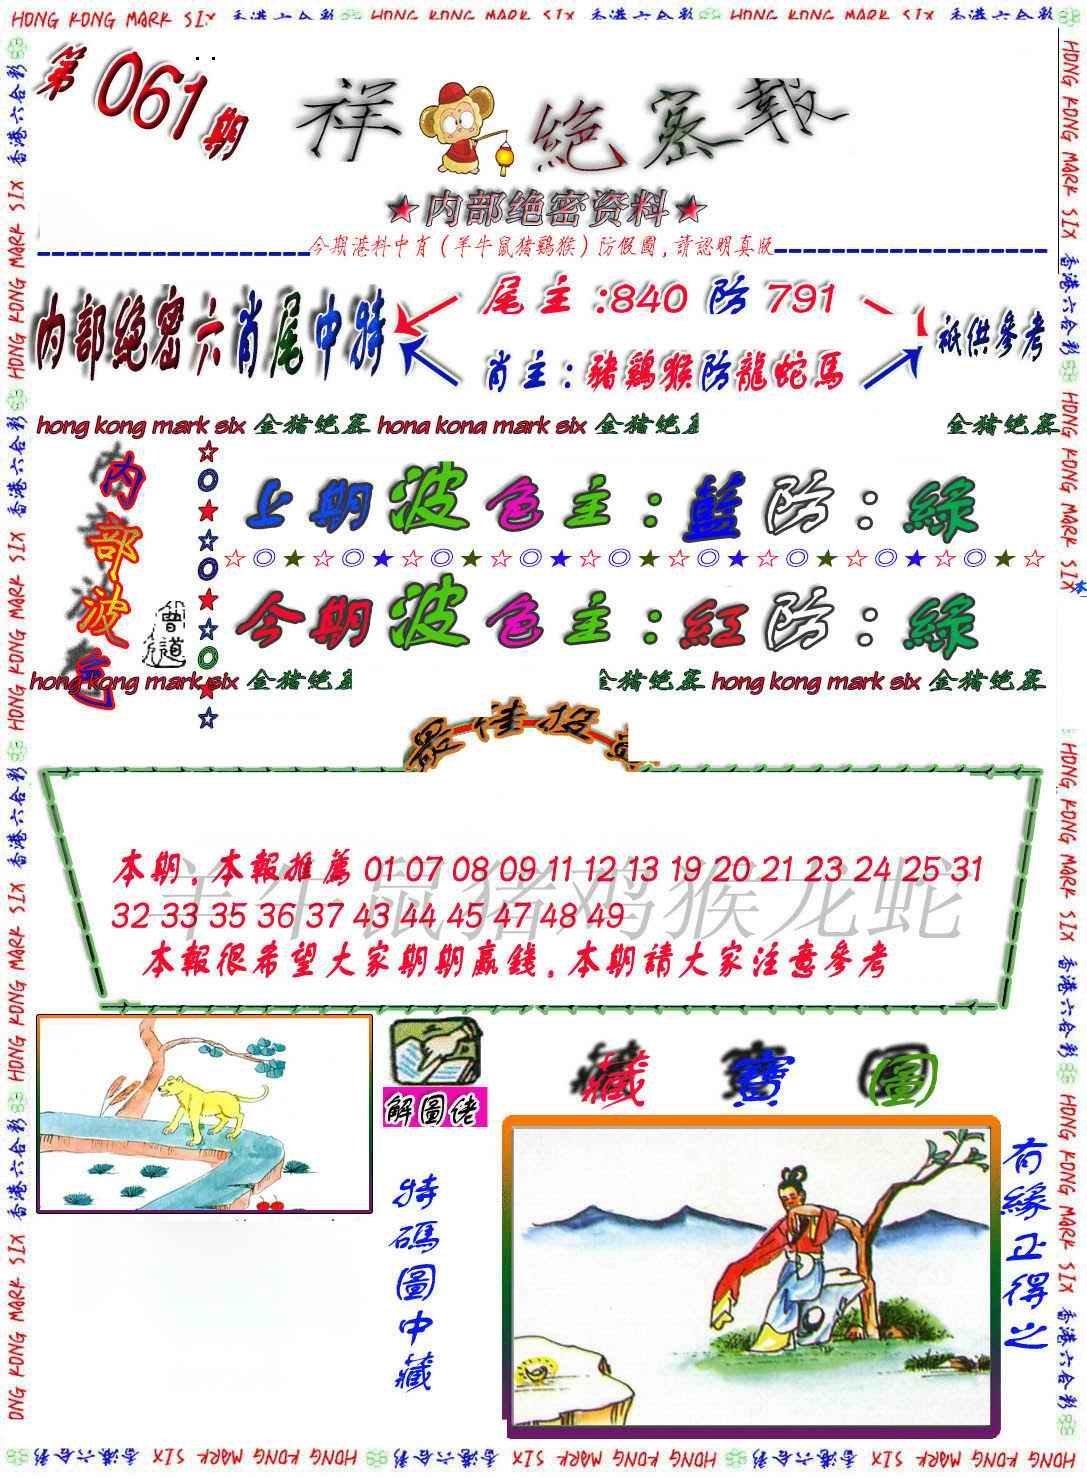 061期金鼠绝密图